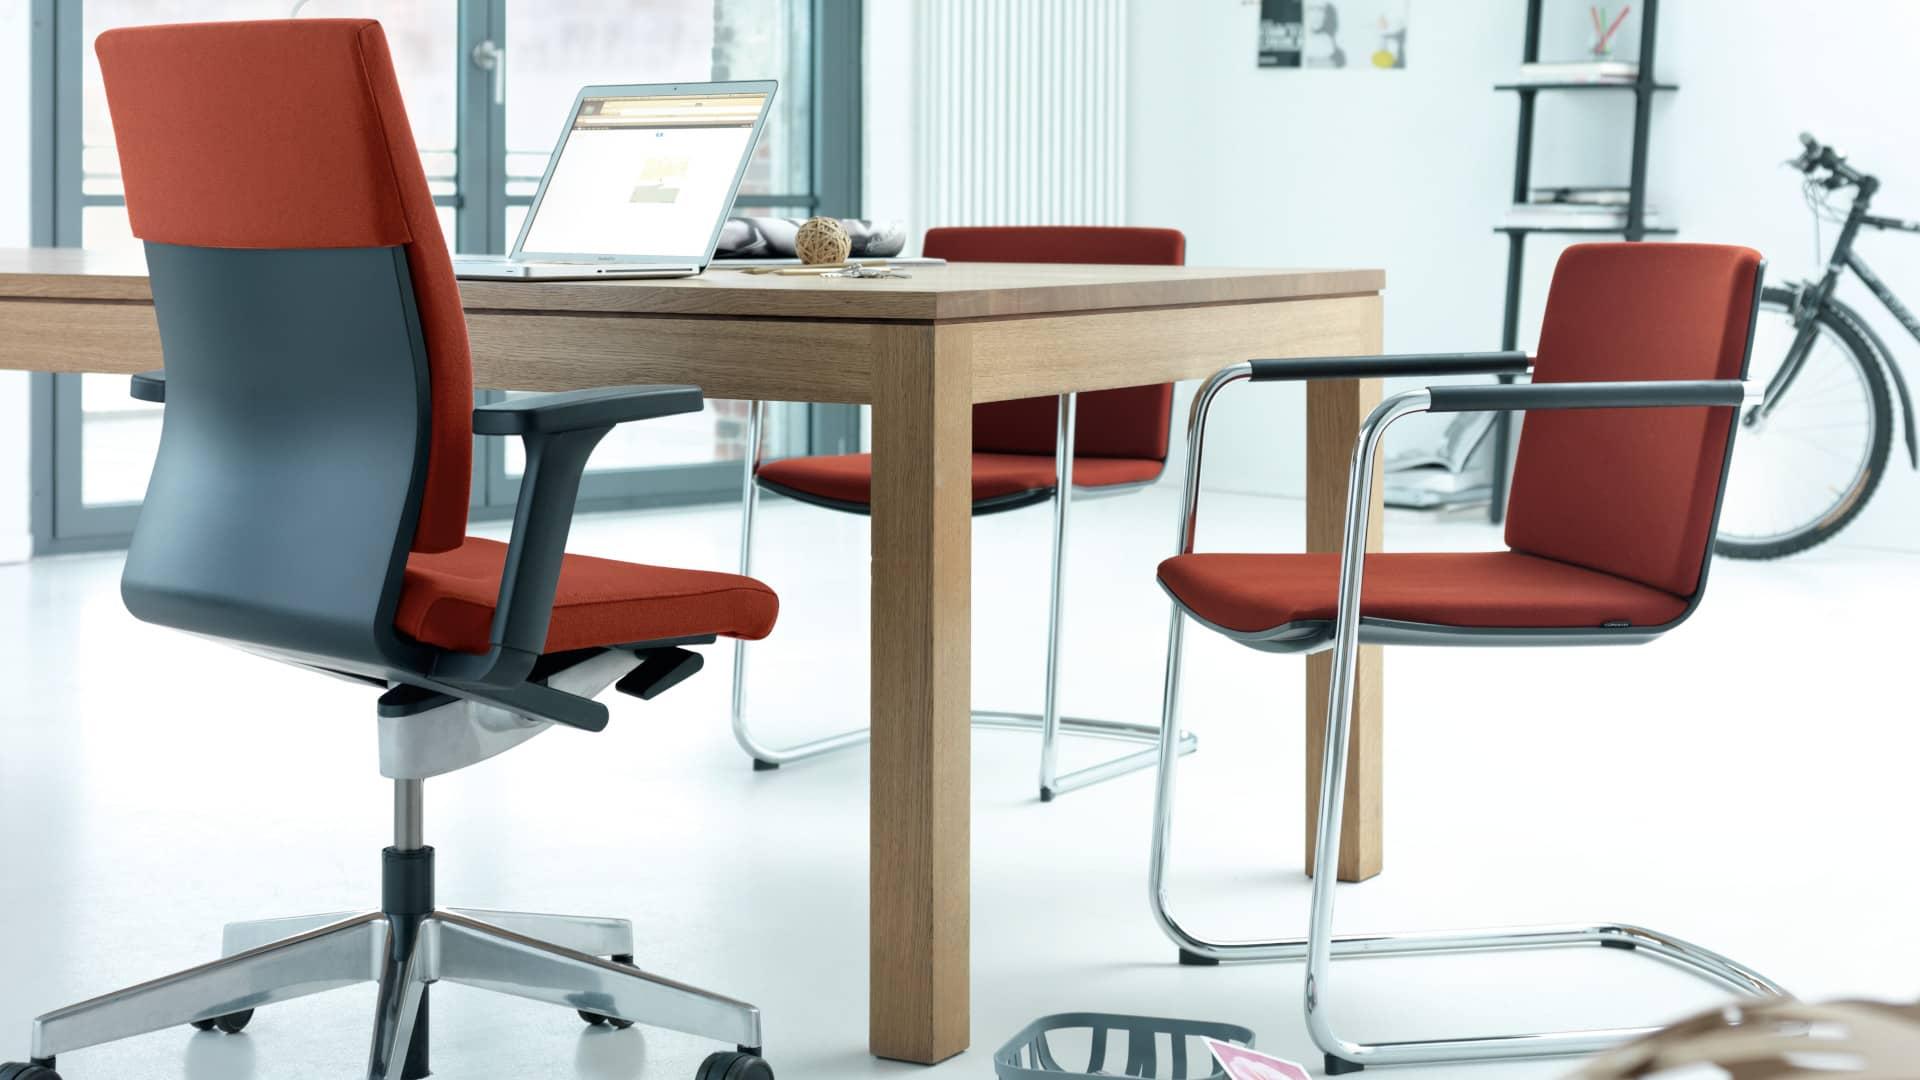 Silla de oficina Neos / Programa sillas giratorias 180 / sillas de ...